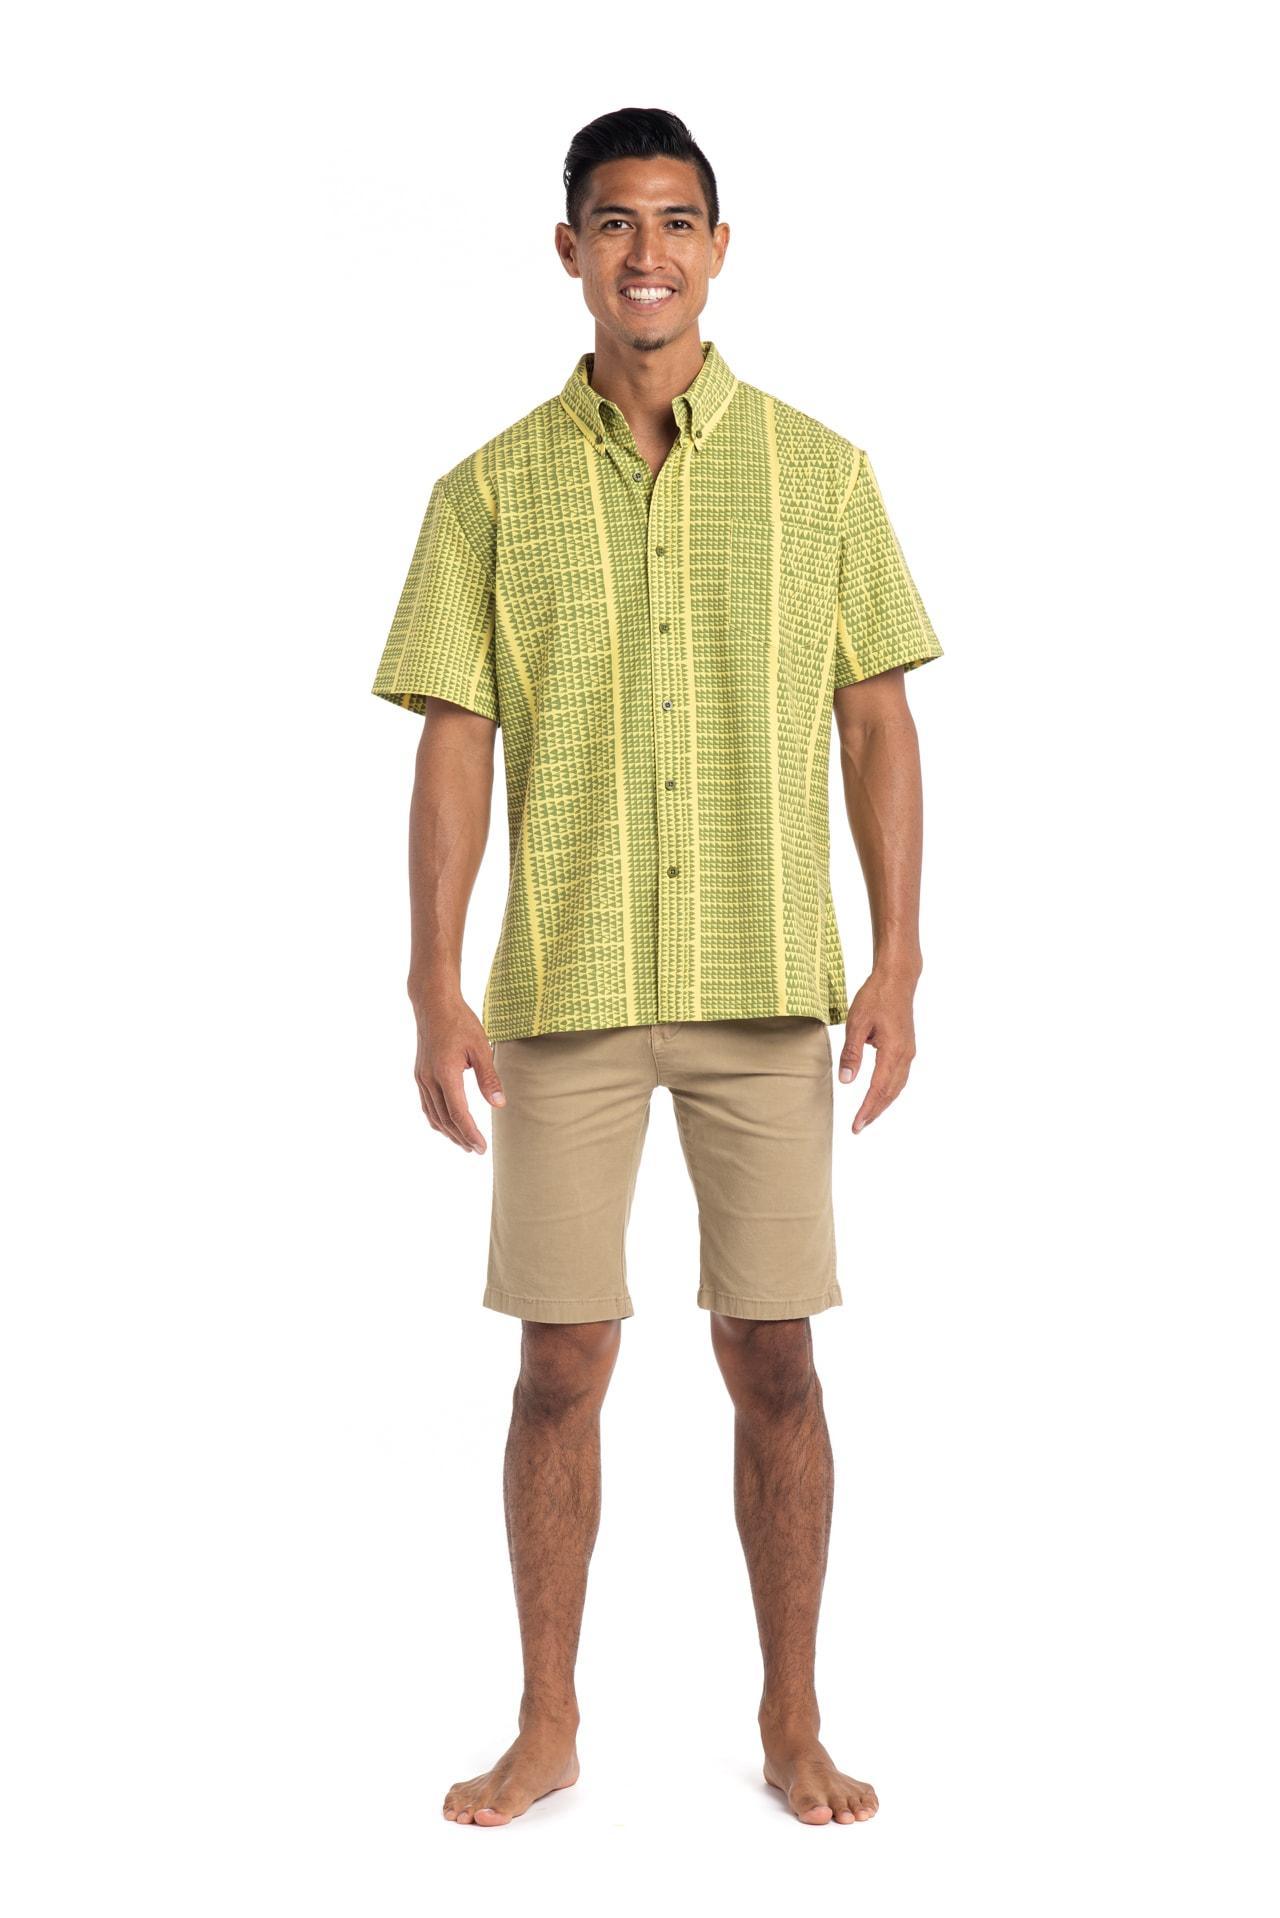 Male model wearing Mahalo Nui Shirt in Green Niho Ku - Front View